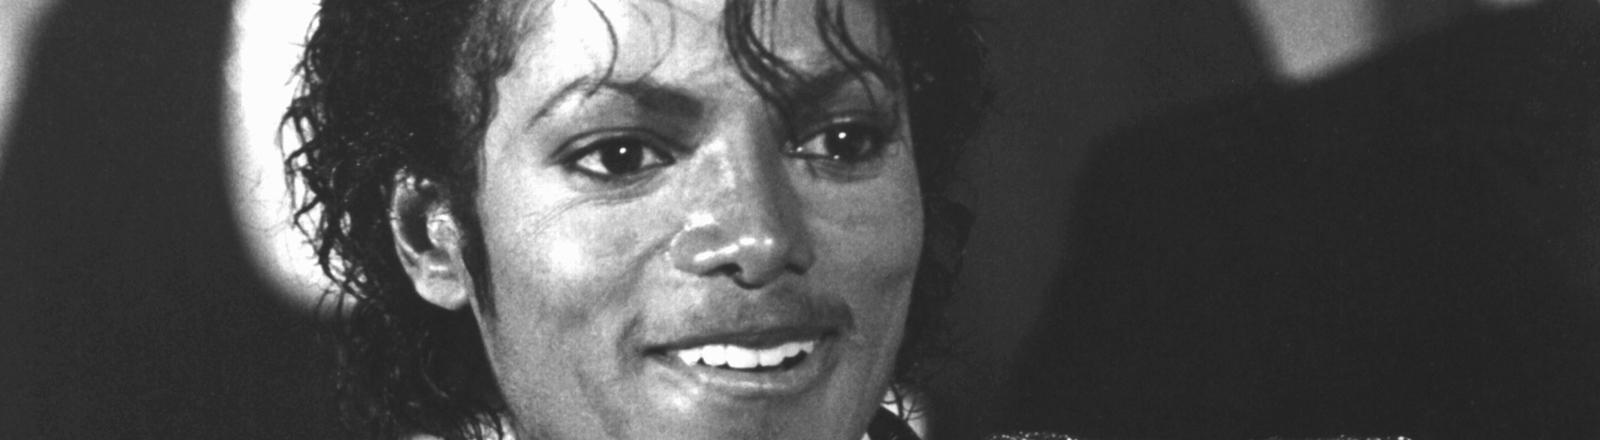 """Der amerikanische Popstar Michael Jackson hält während der Grammy-Verleihung im März 1984 im Shrine Auditorium in Los Angeles seine Trophäen in Hand, die er u.a. für seine Rekord-Platte """"Thriller"""" als bestes Album des Jahres erhalten hat."""